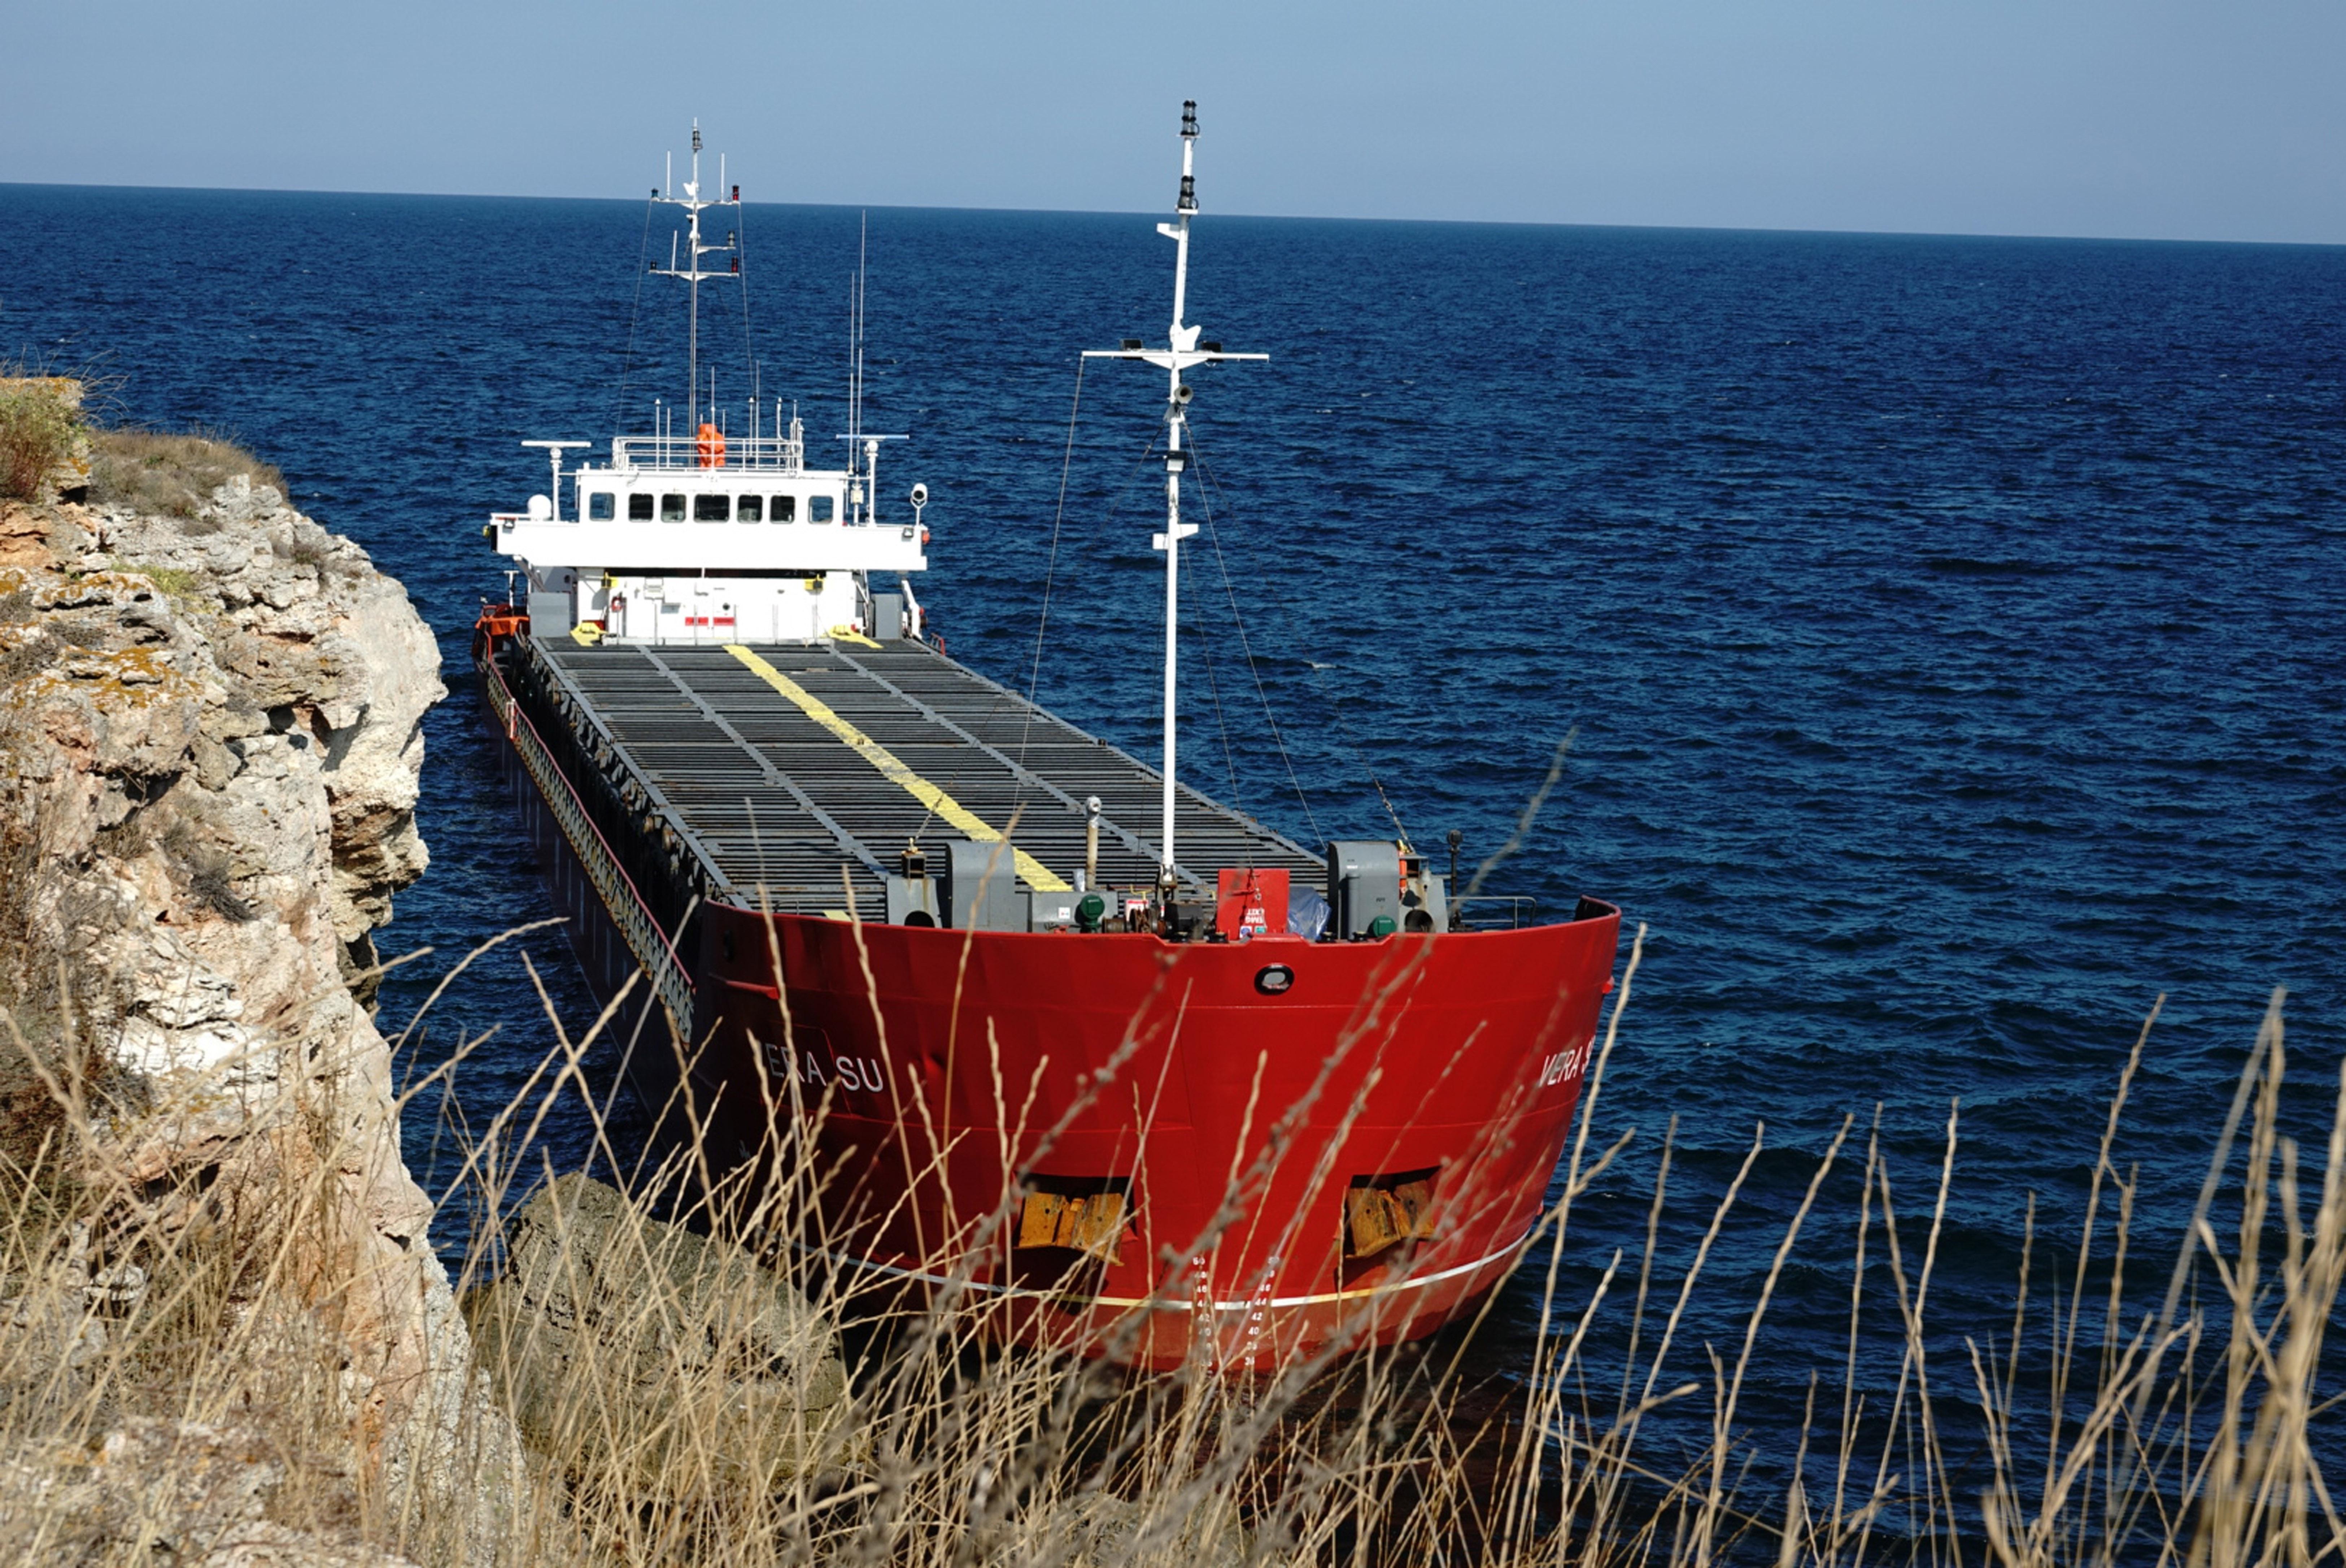 <p>Асен Личев: &quot;Вече 5 дни и в момента отговорни за изтеглянето на кораба са корабособственикът и застрахователят&quot;.</p>